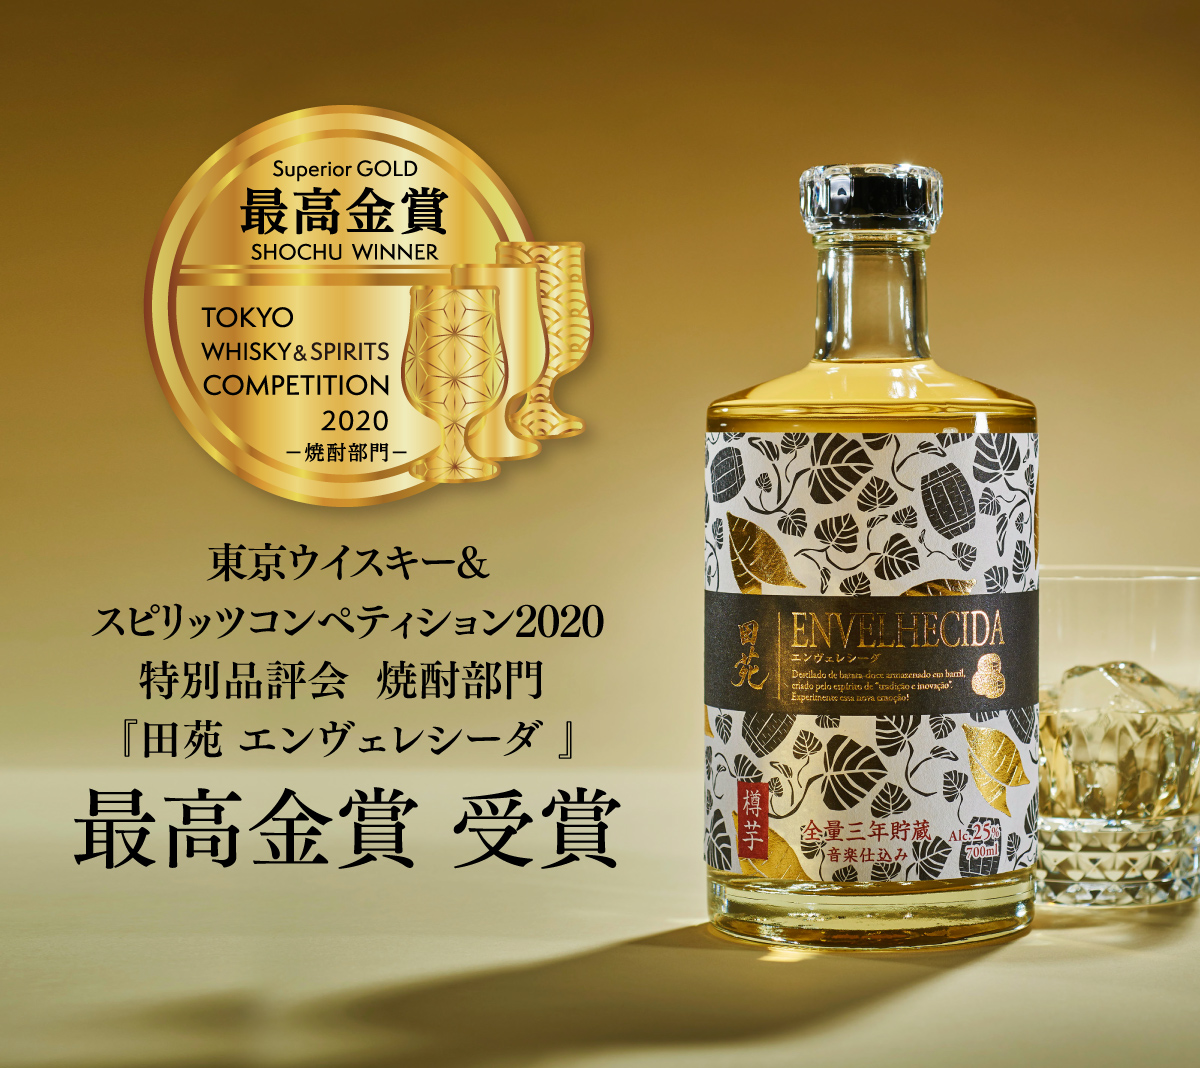 田苑 エンヴェレシーダが、東京ウイスキー&スピリッツコンペティション2020「最高金賞」受賞!